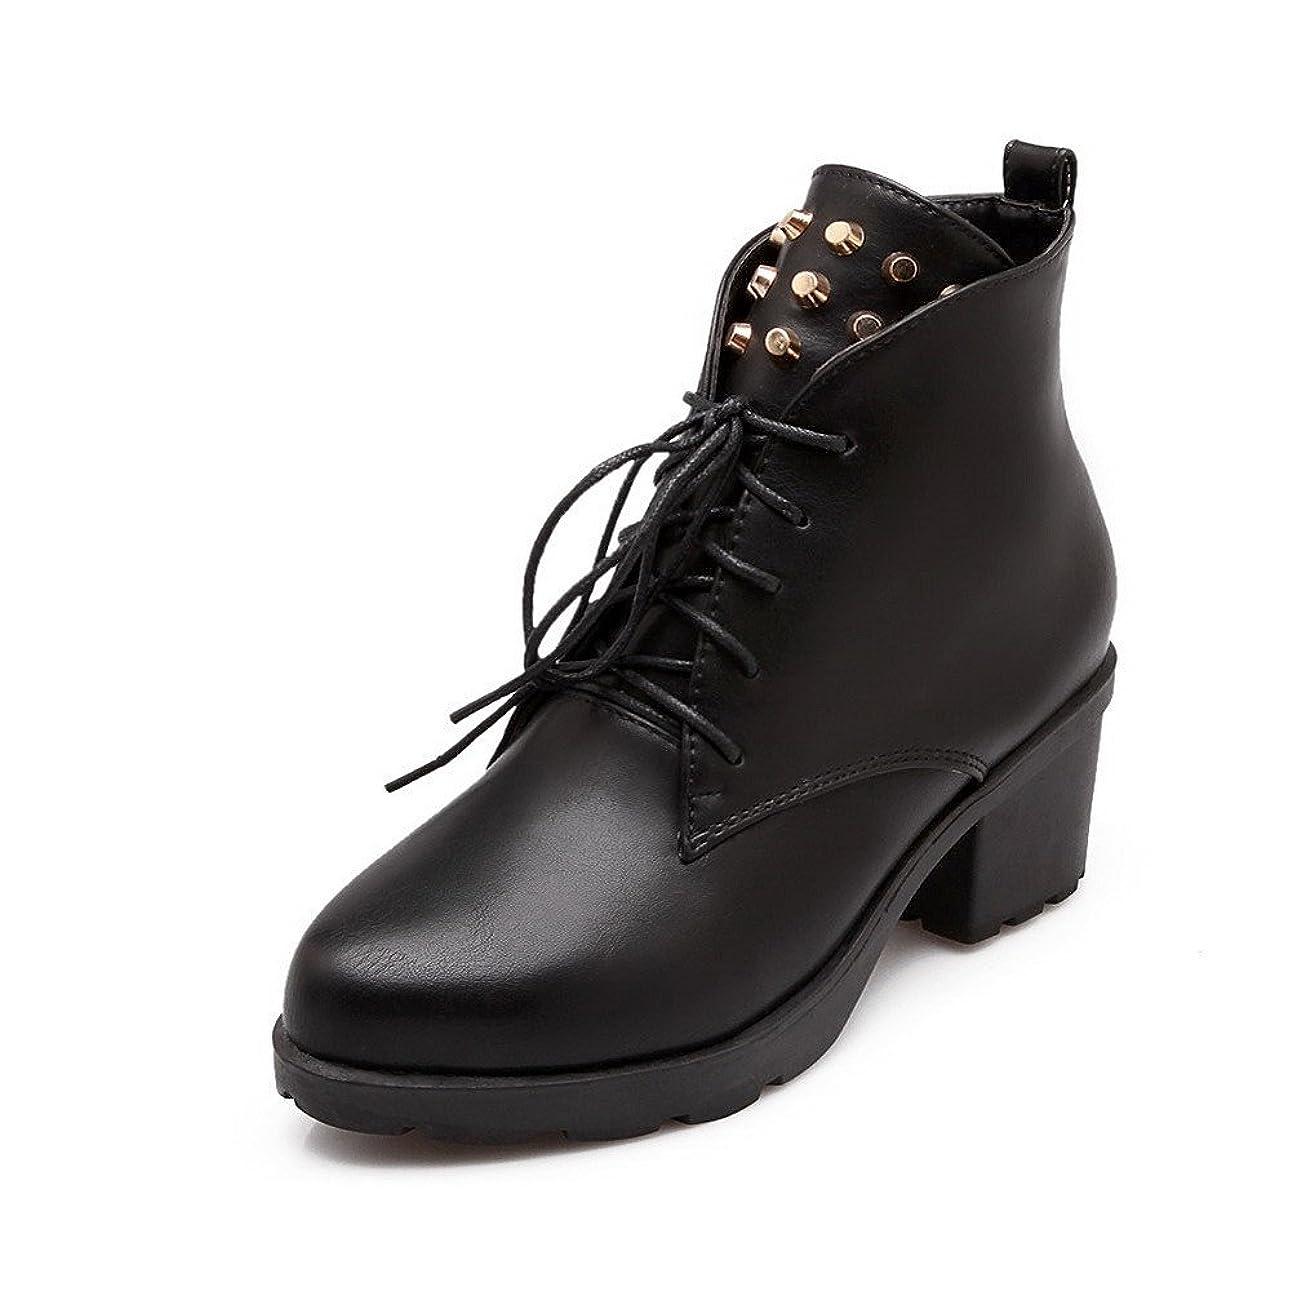 遺伝子トリクルシャット(オールエイチキューファッション) AllhqFashion レディース レースアップ ポインテッドトゥ 中ヒール 混合材料 純色 ブーツ